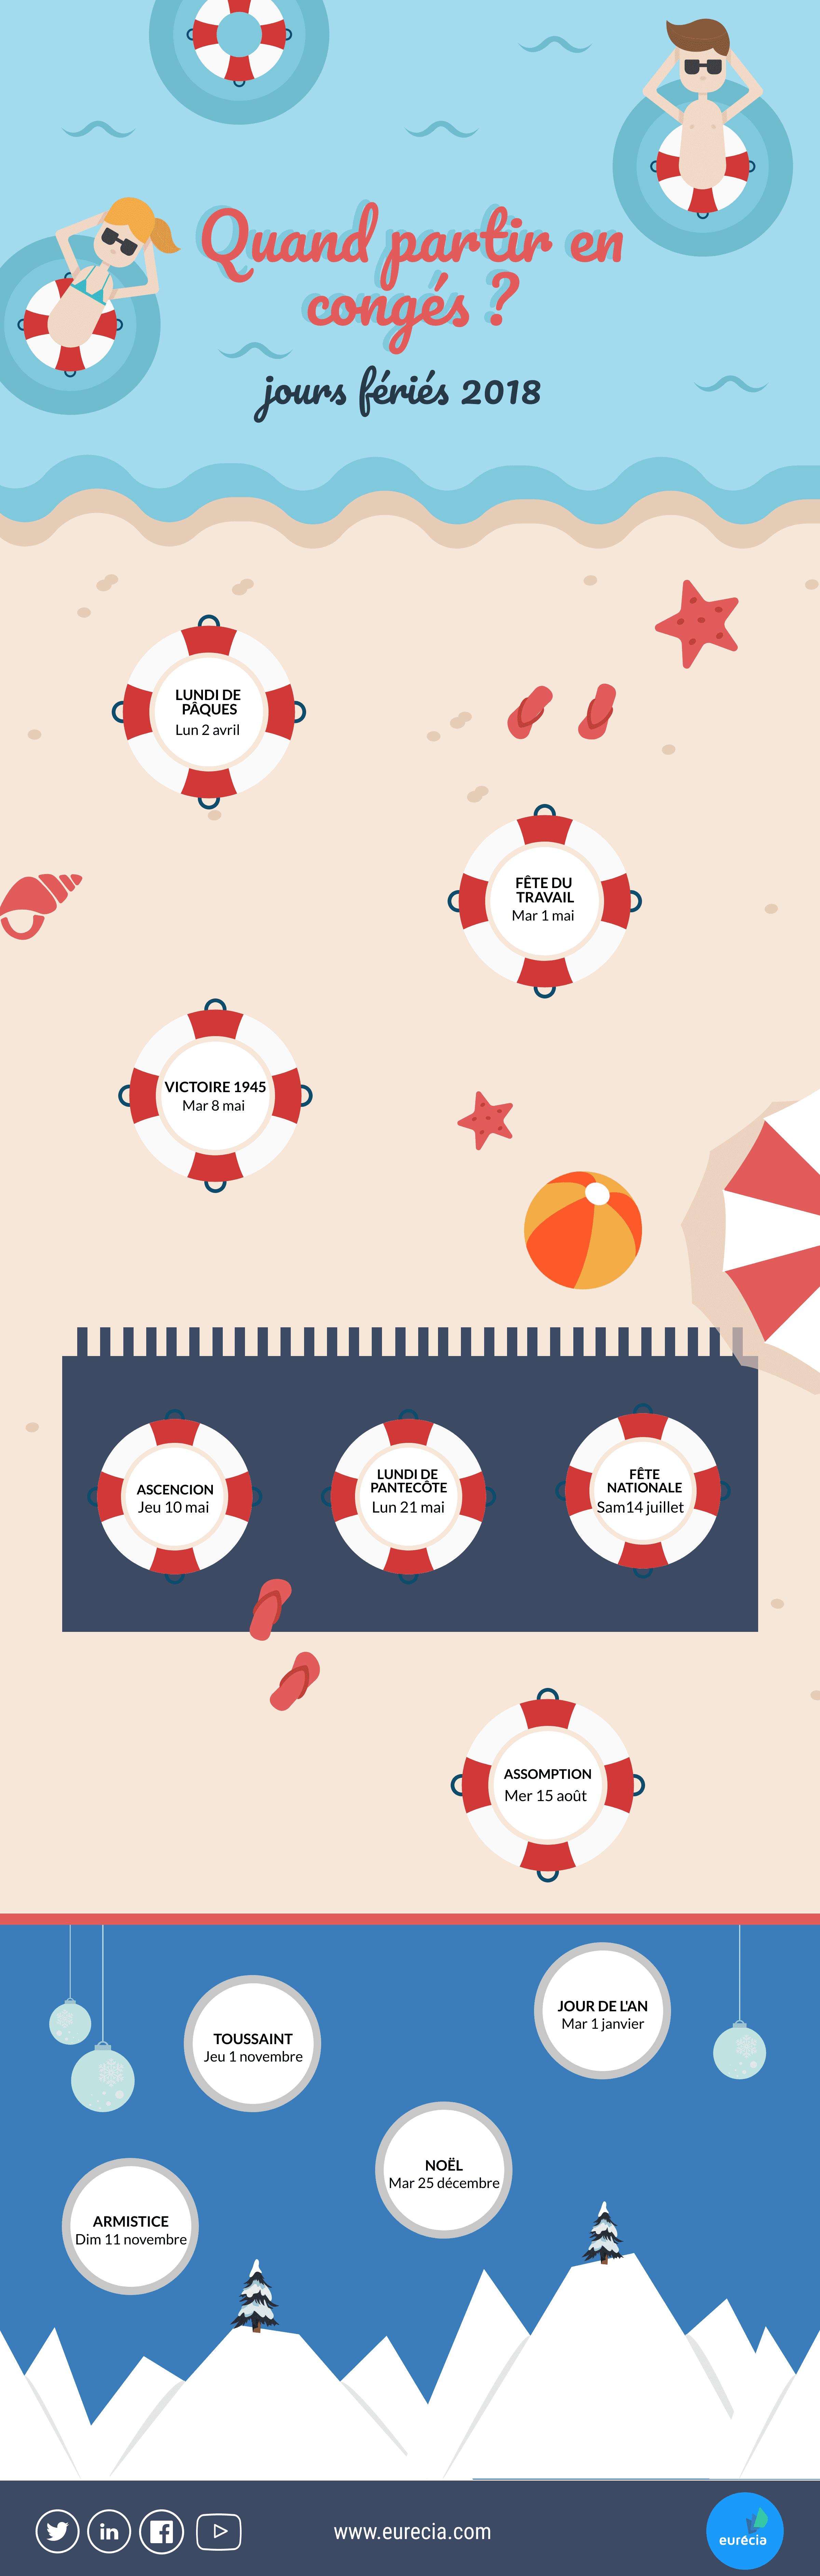 jours-feries-2018.png